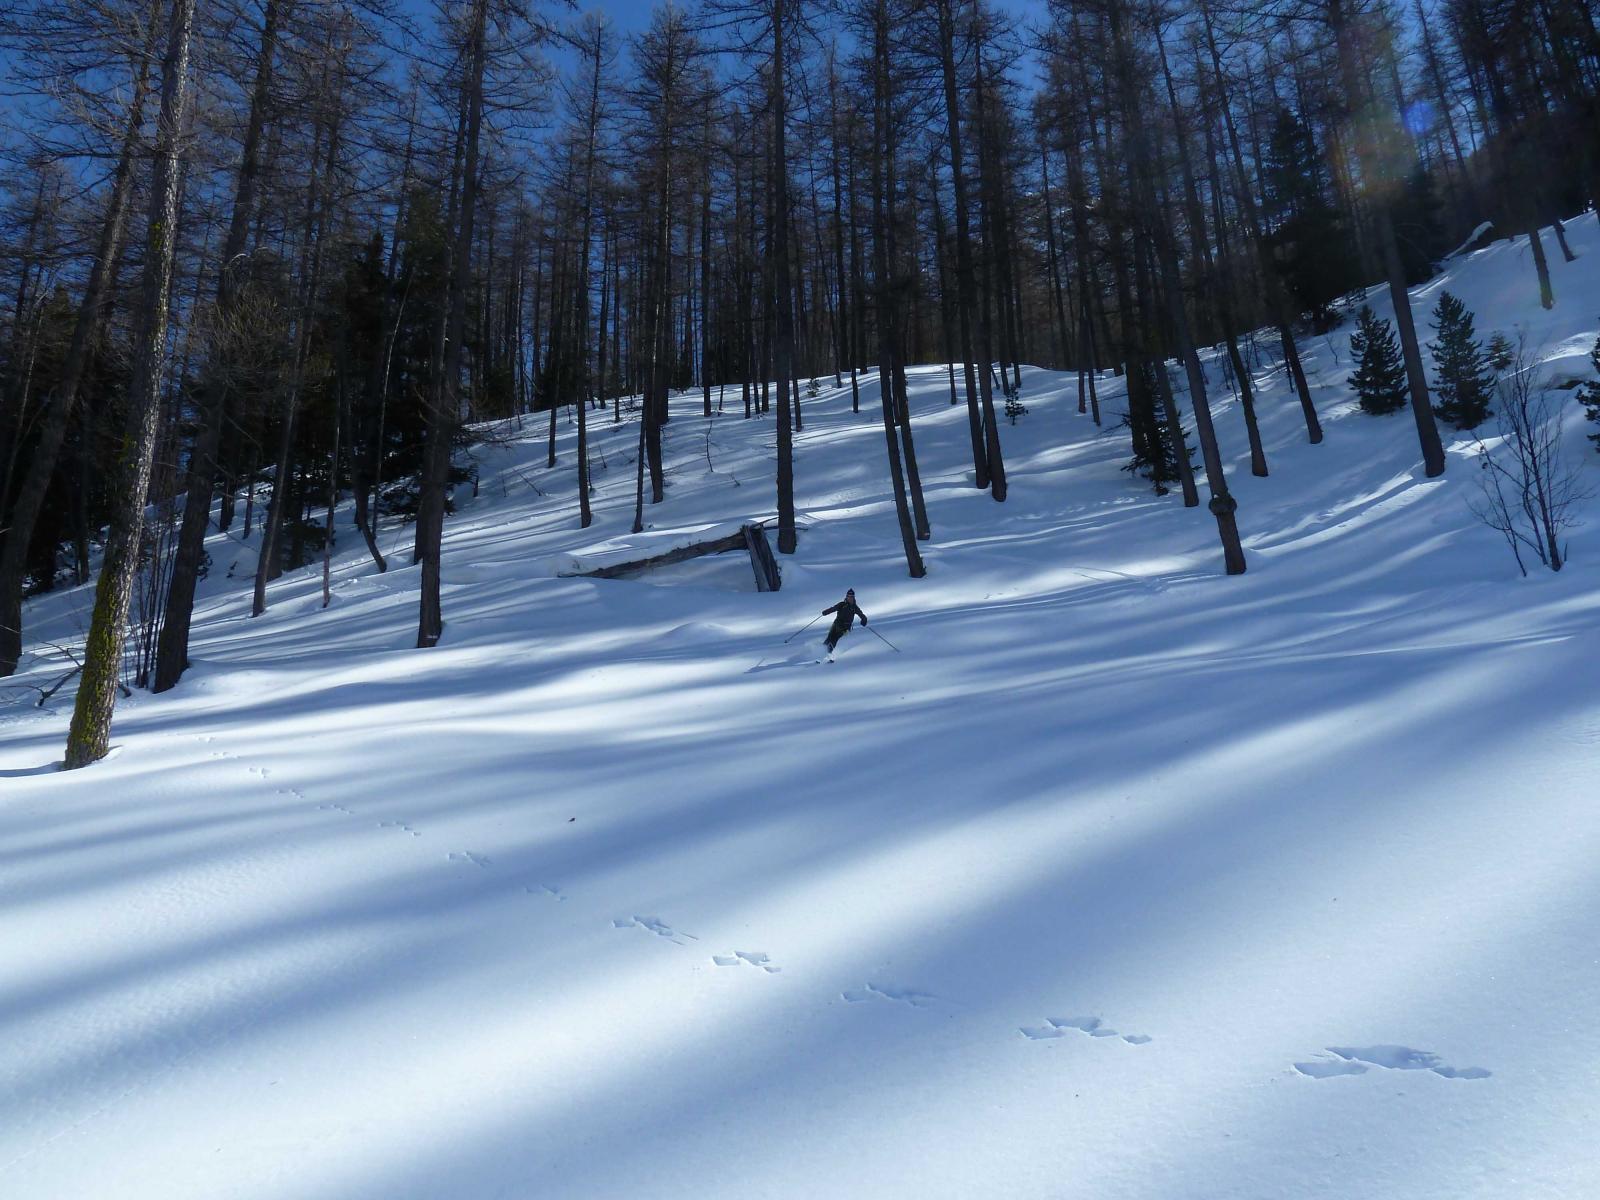 Neve impeccabile anche più in basso